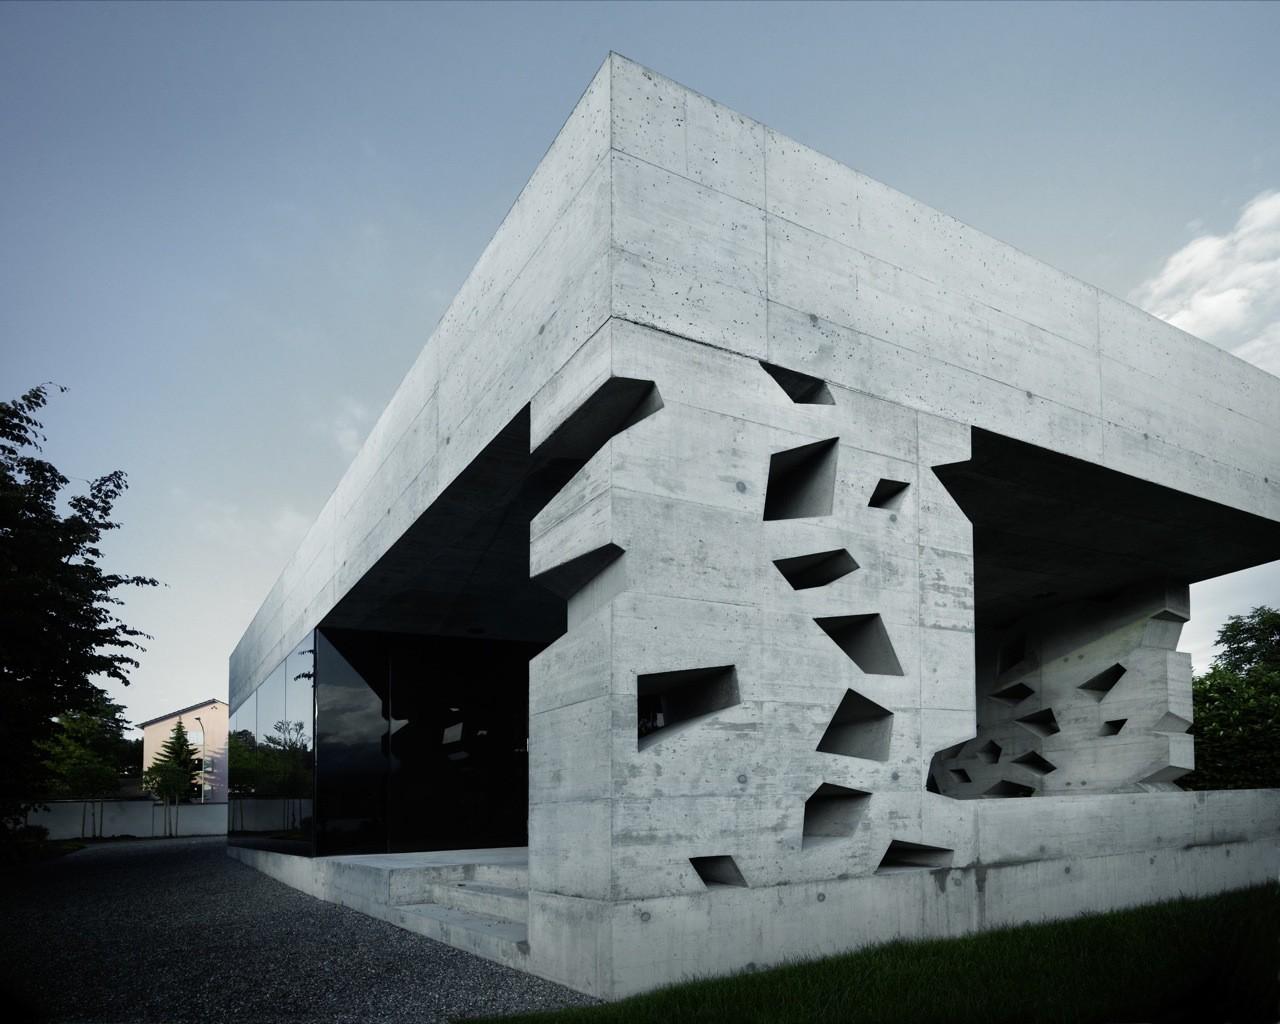 Edificio del Cementerio de Erlenbach / AFGH, © Valentin Jeck